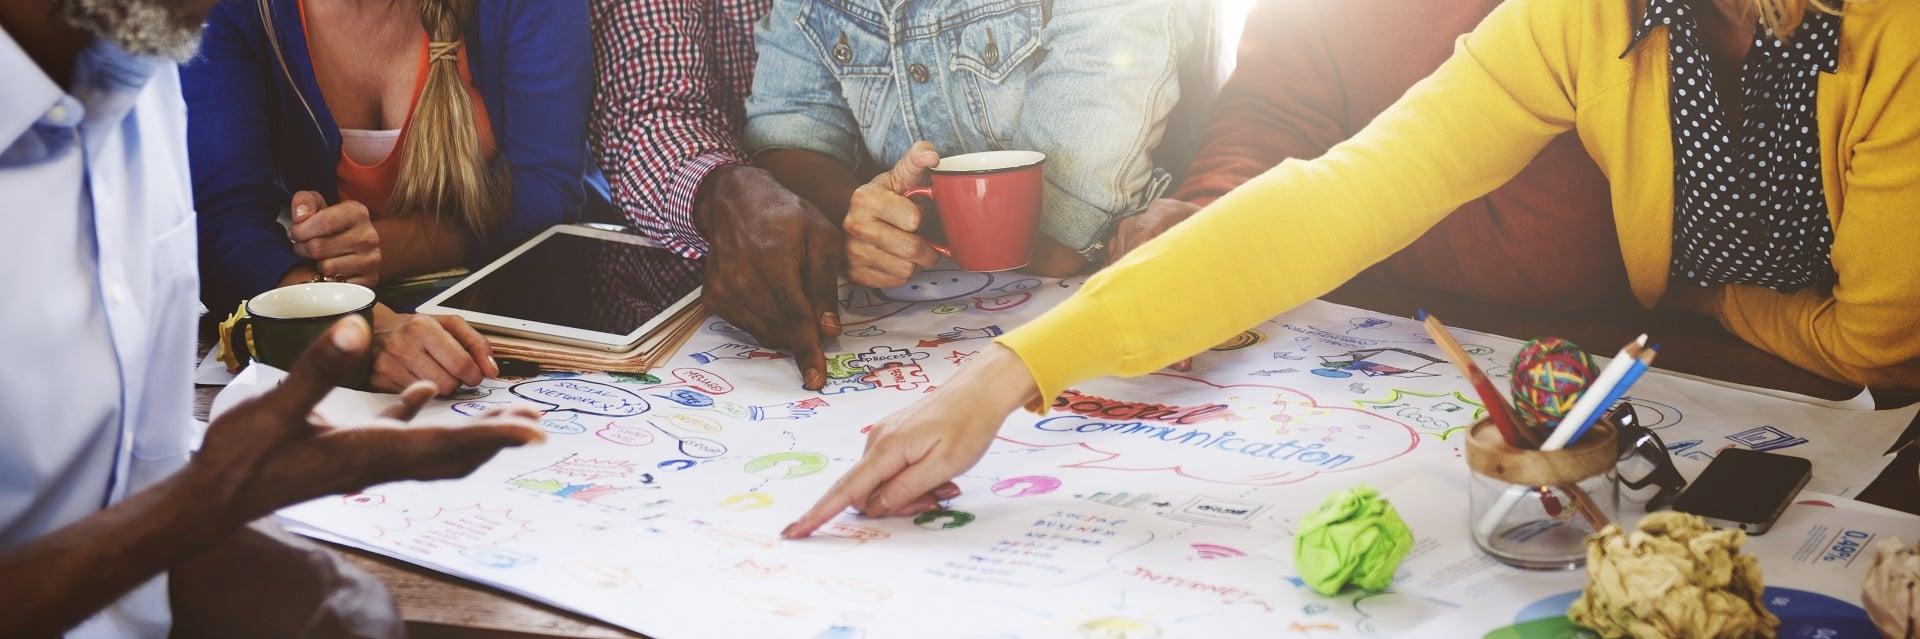 Mitarbeiter arbeiten gemeinsam an Projekt.